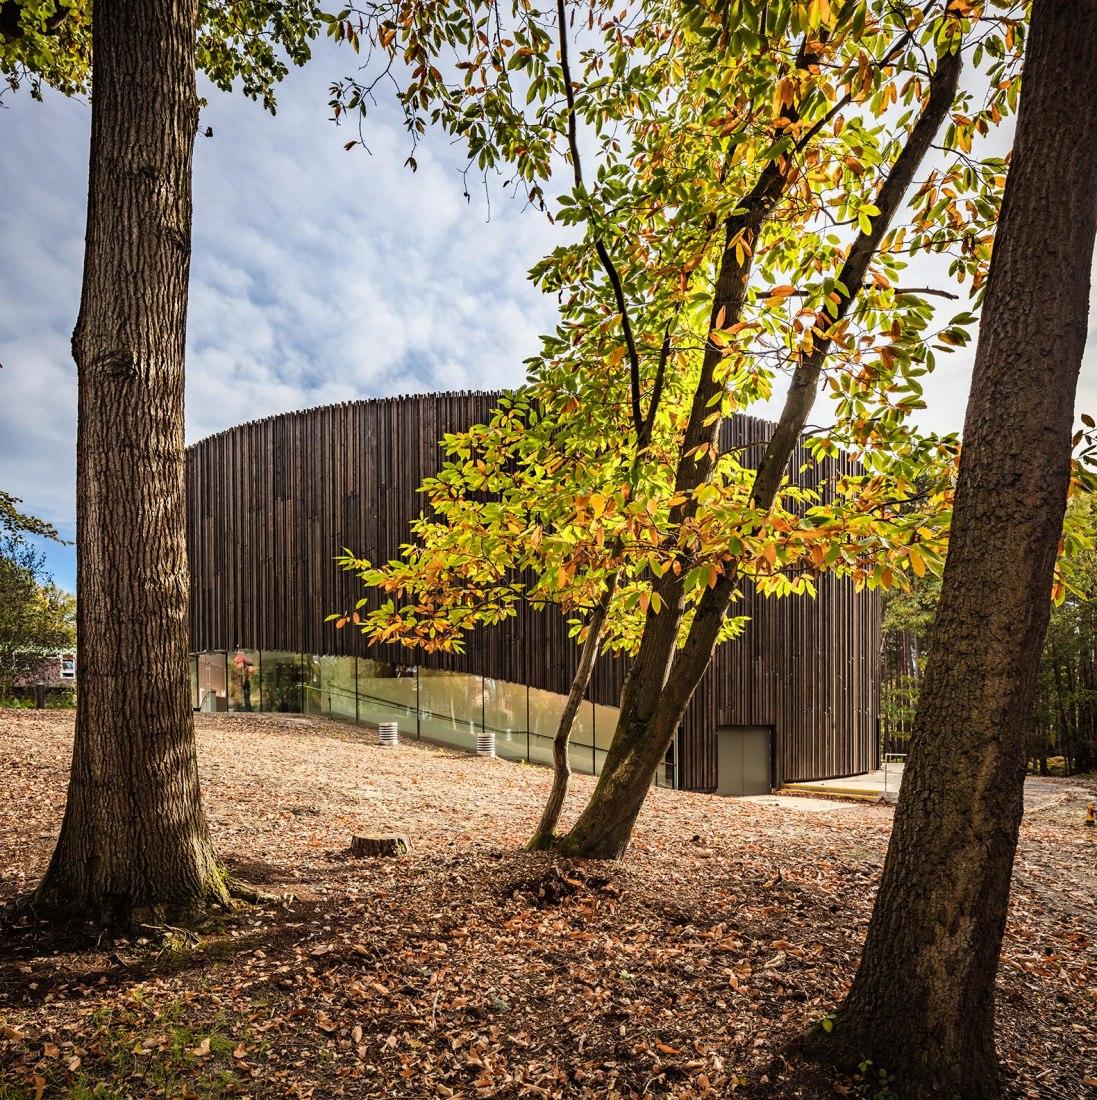 Centro de Artes Escénicas en Wellington College por Studio Seilern Architects. Fotografía por Kanipak Photograpyts Centre at Wellington College by Studio Seilern Architects. Photograph by Kanipak Photograpy